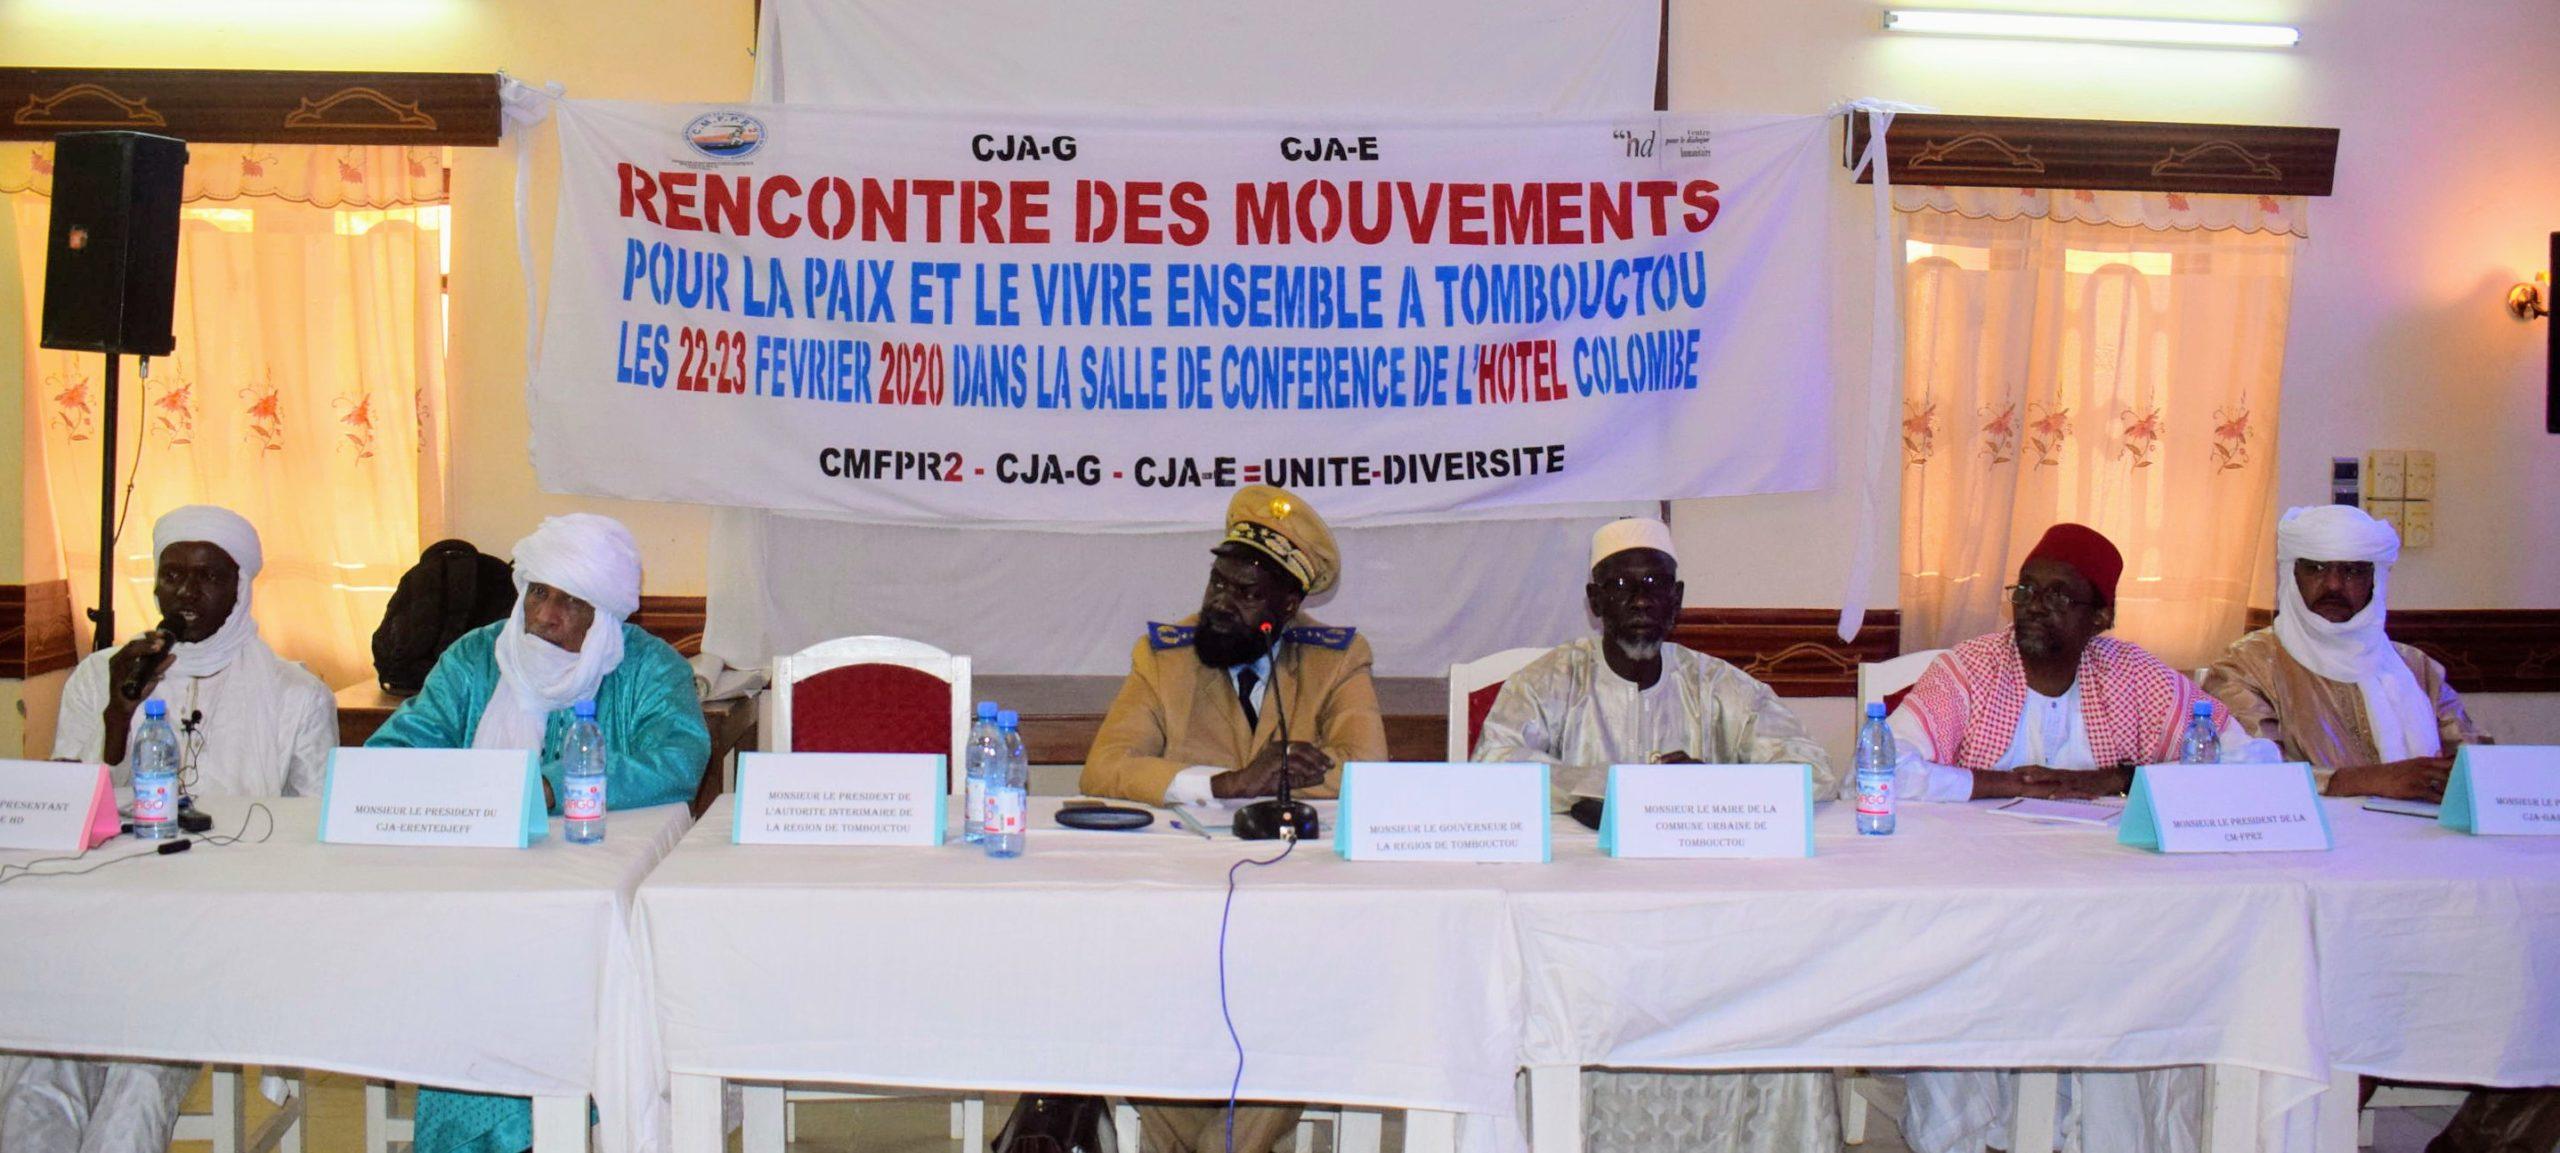 Des mouvements armés s'organisent pour la paix et le vivre Ensemble dans la région de Tombouctou.